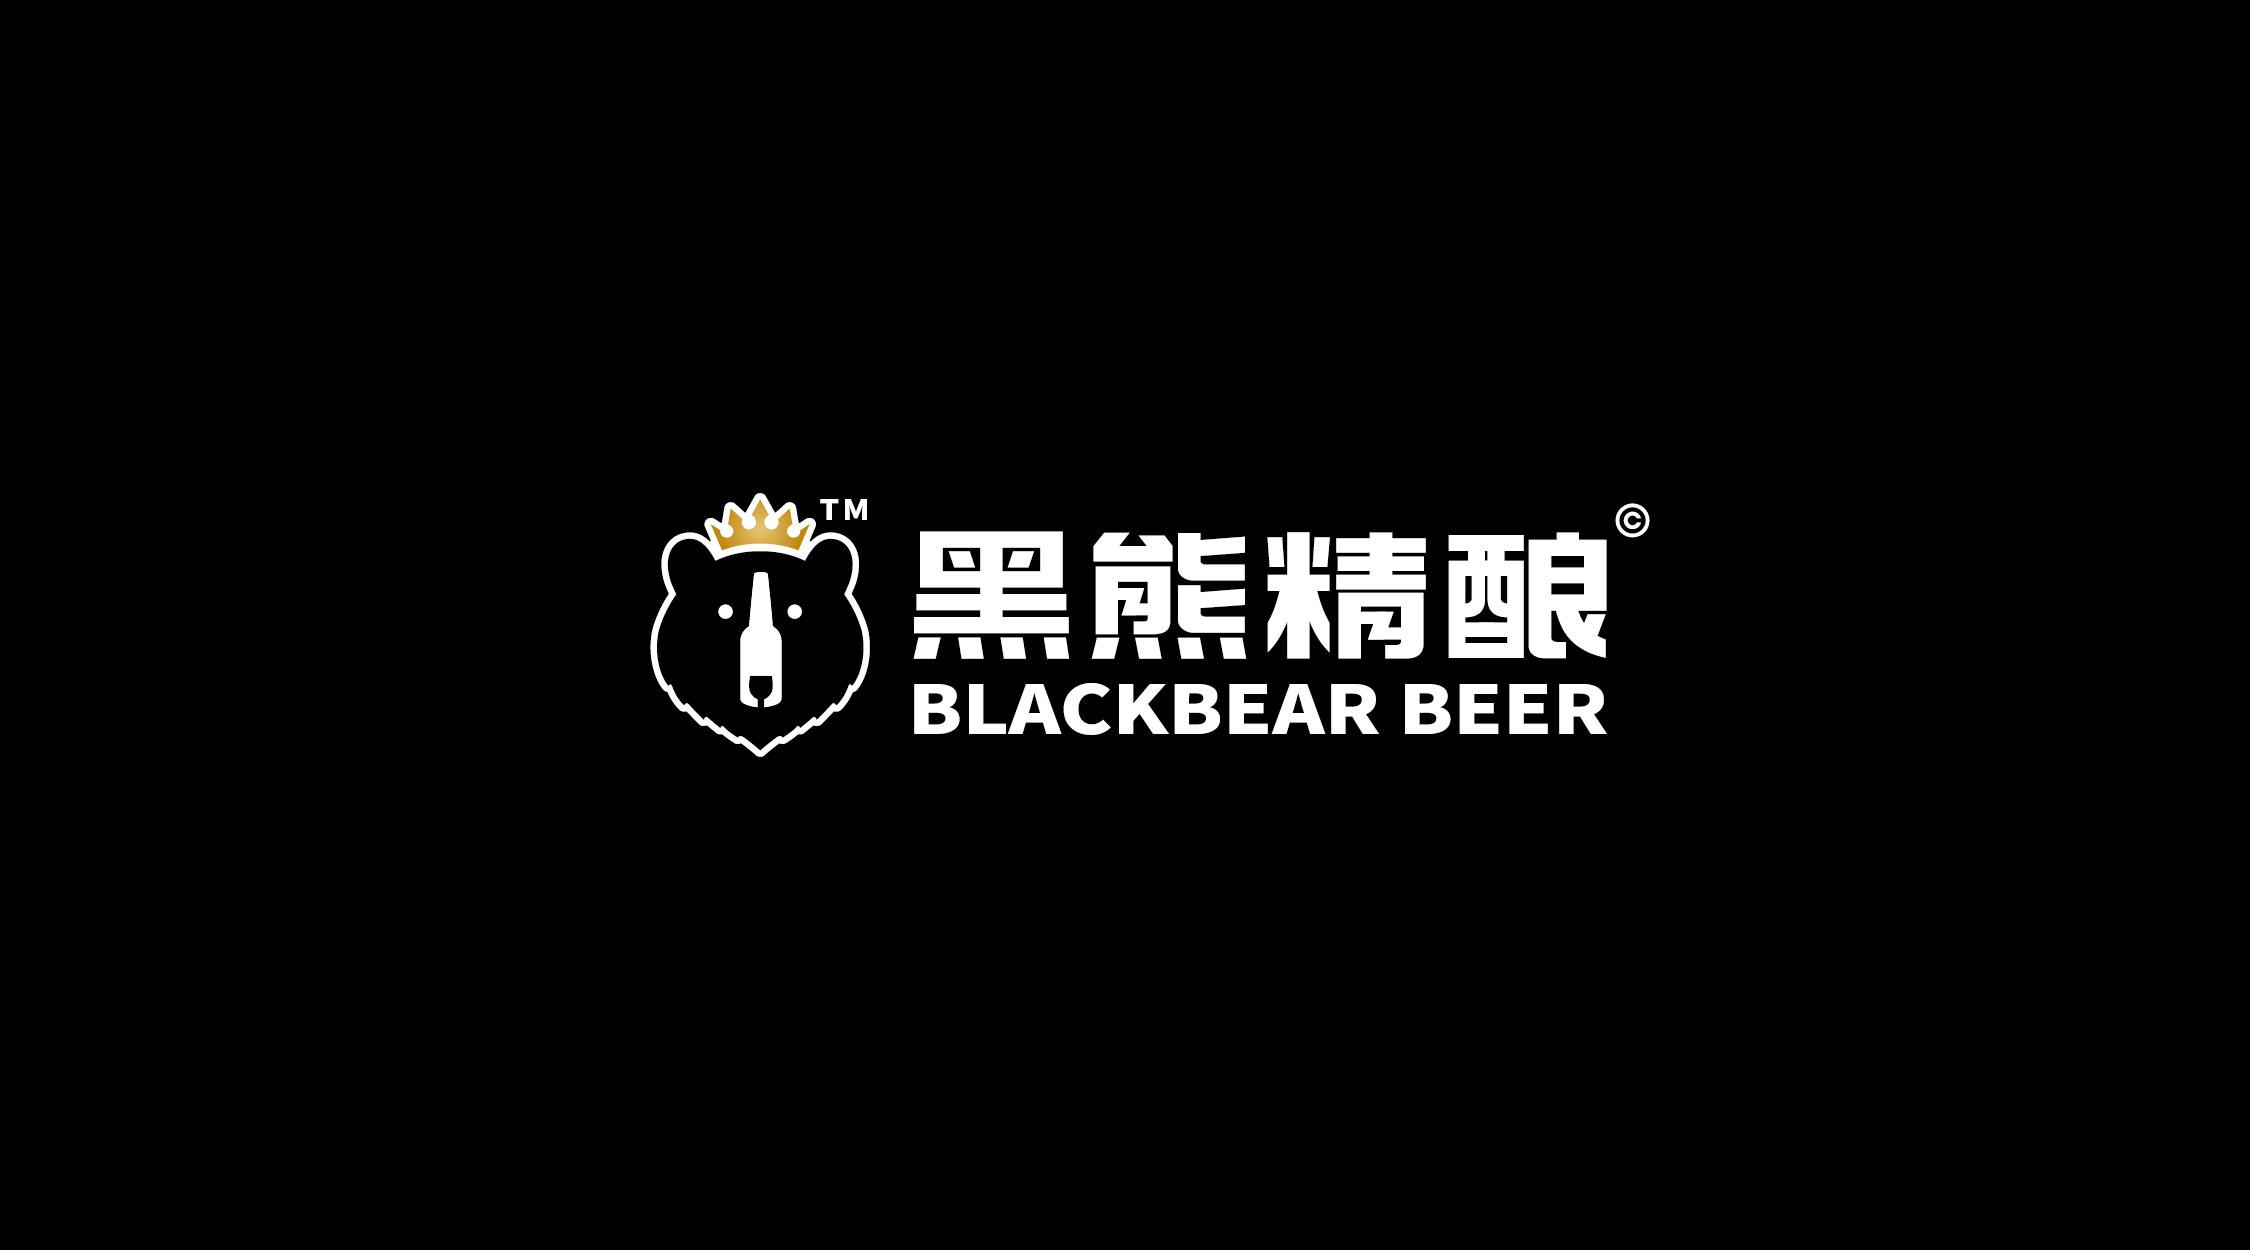 创意共和设计公司提供品牌和包装设计的黑熊啤酒现已上市